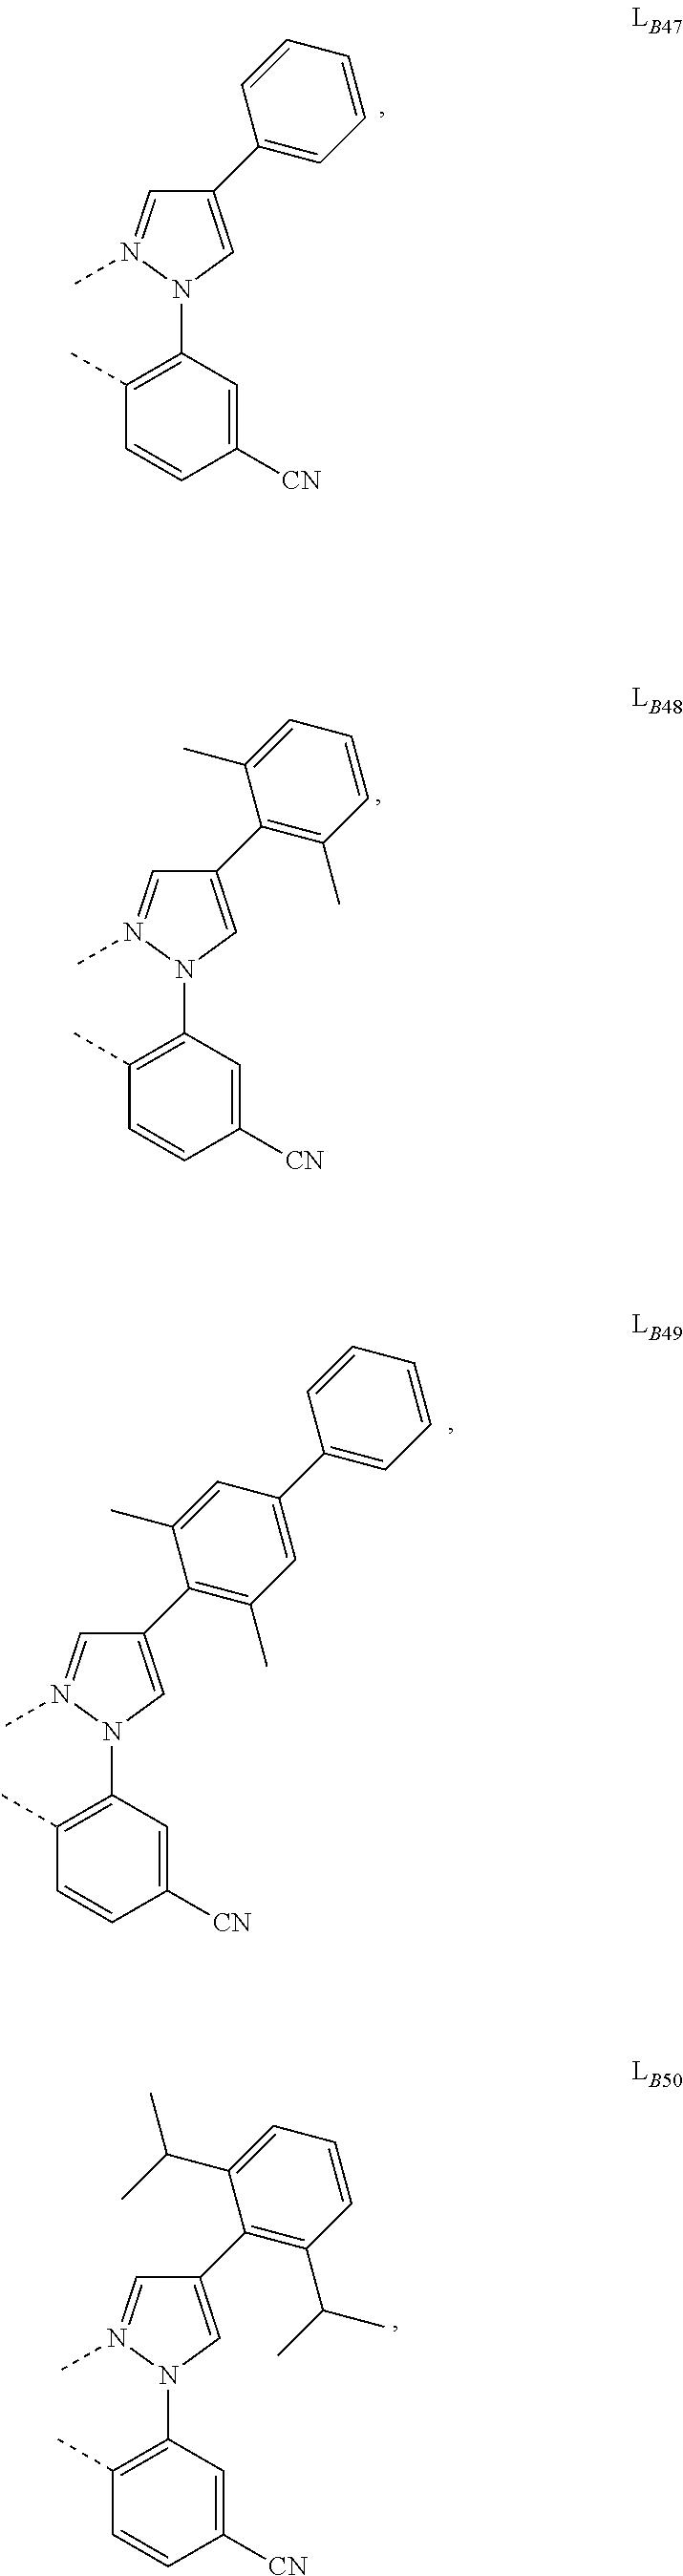 Figure US09905785-20180227-C00113